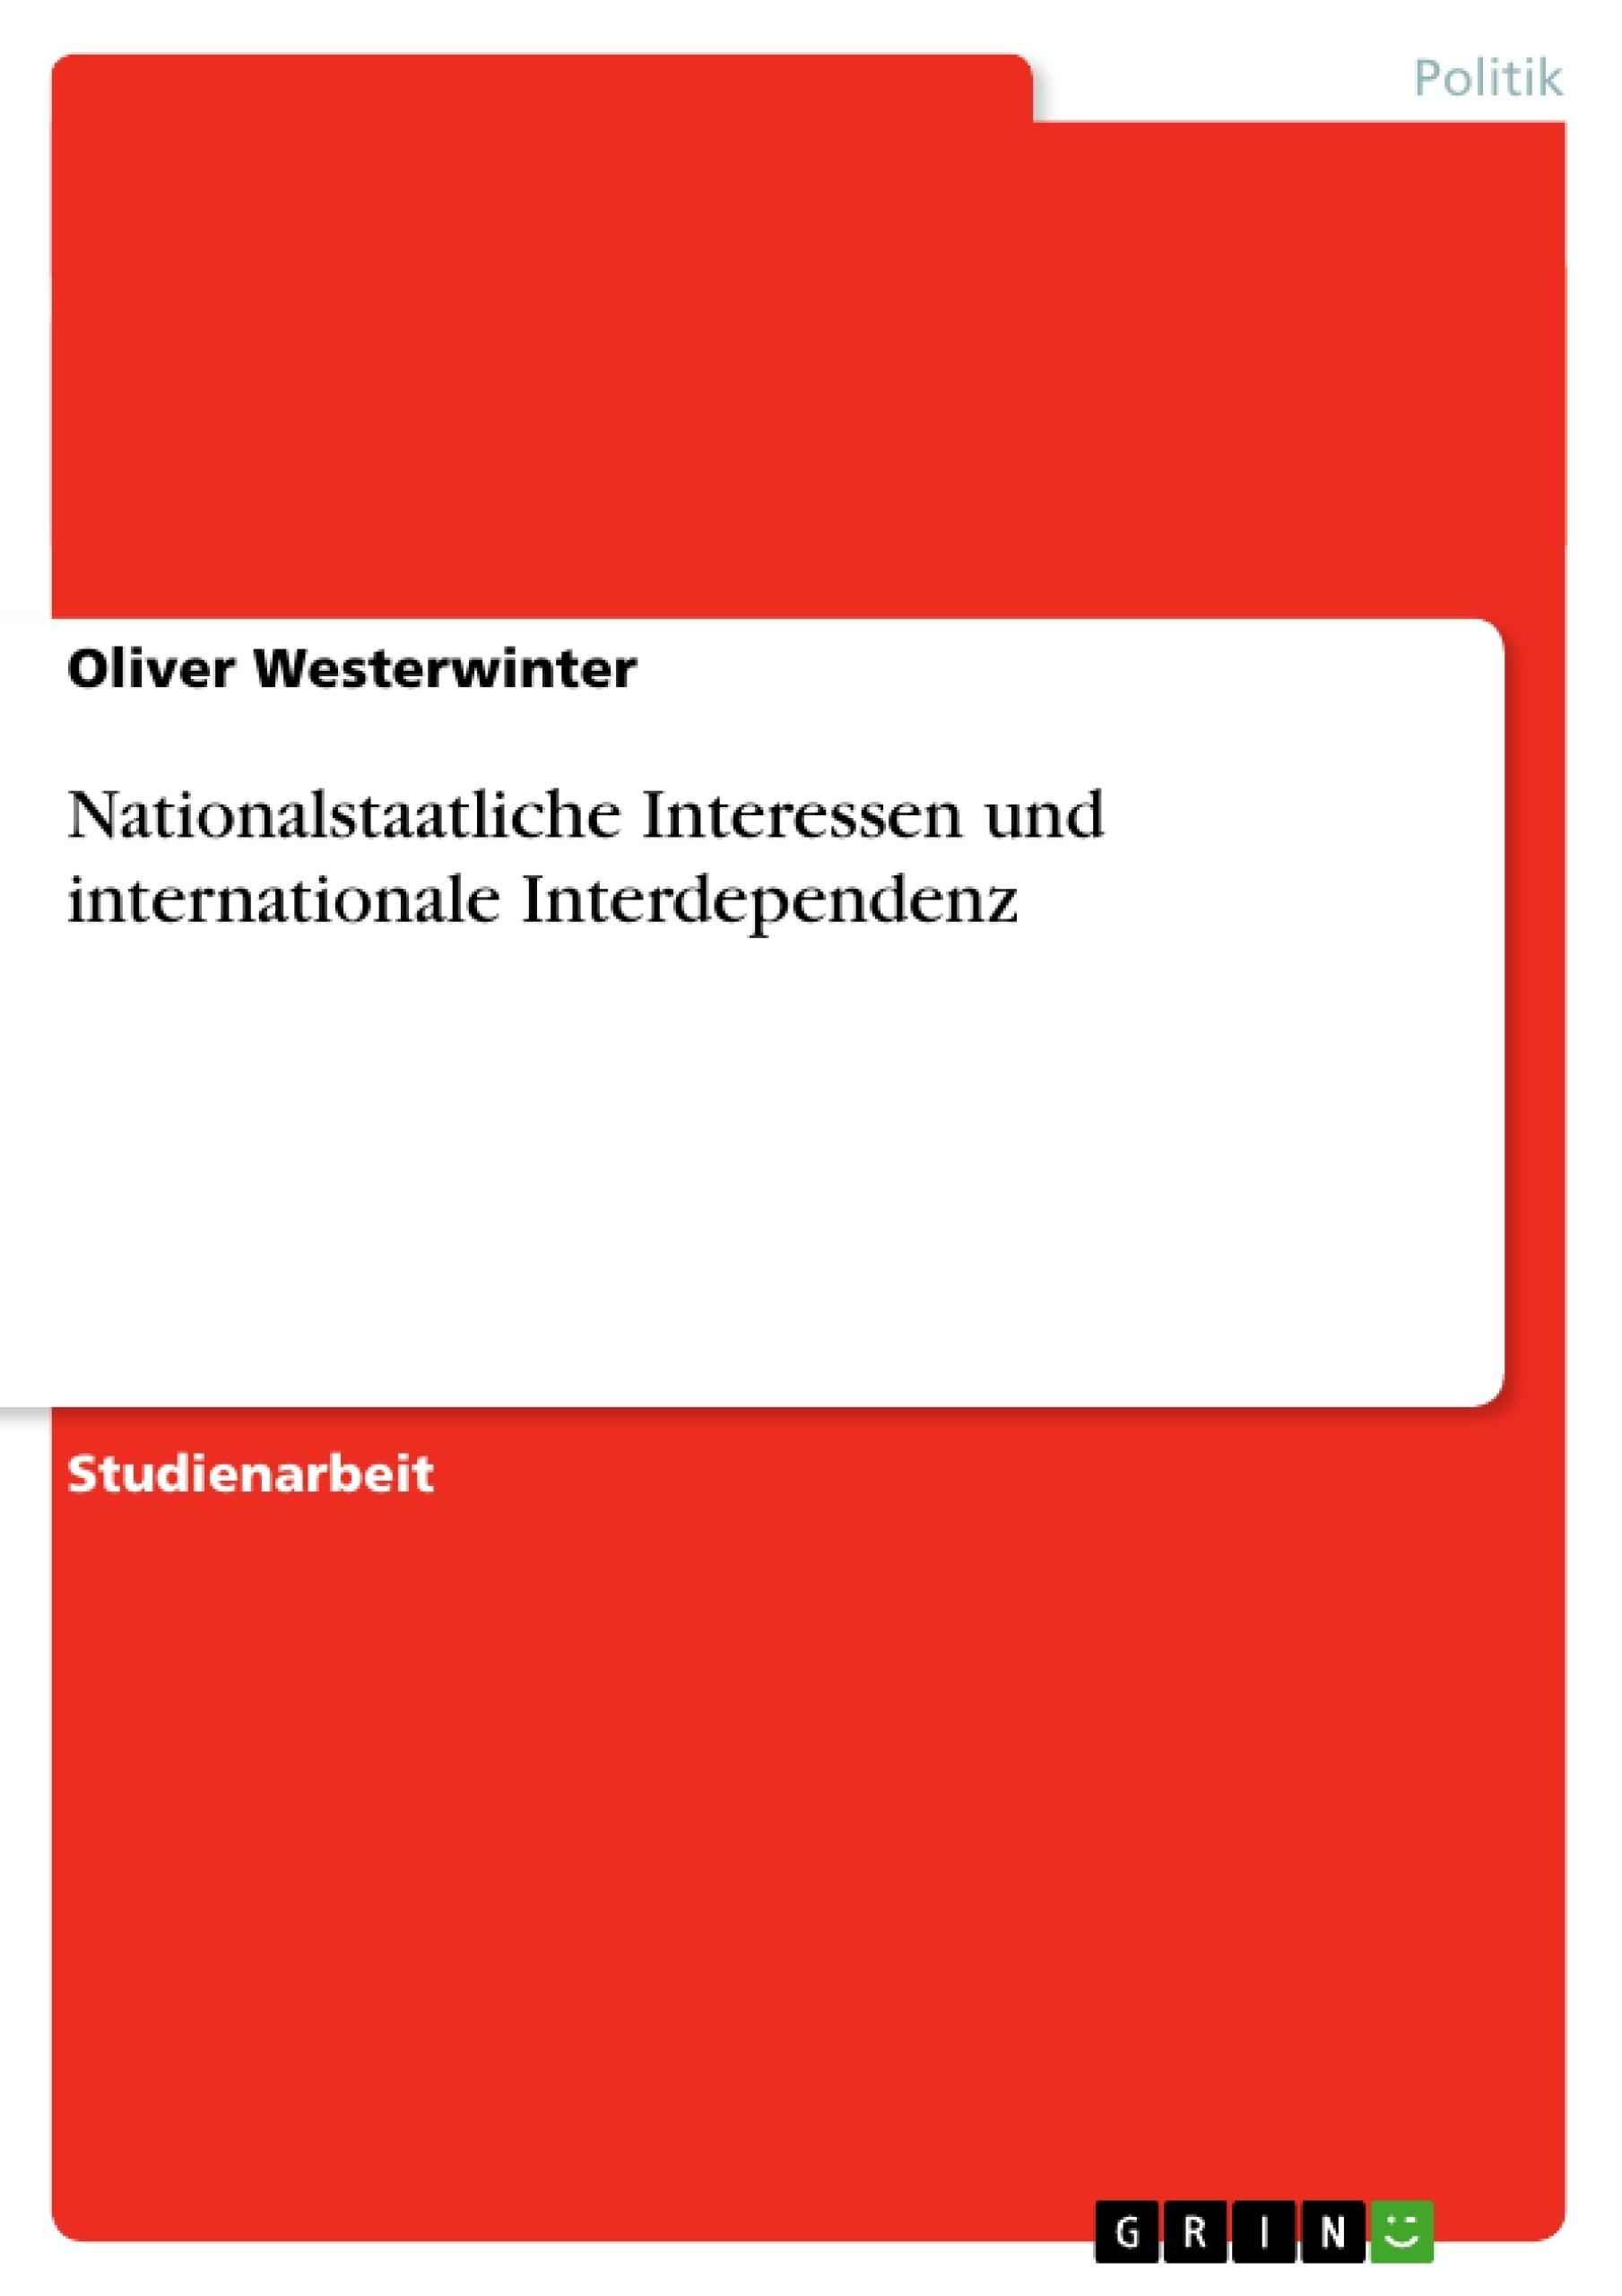 Titel: Nationalstaatliche Interessen und internationale Interdependenz